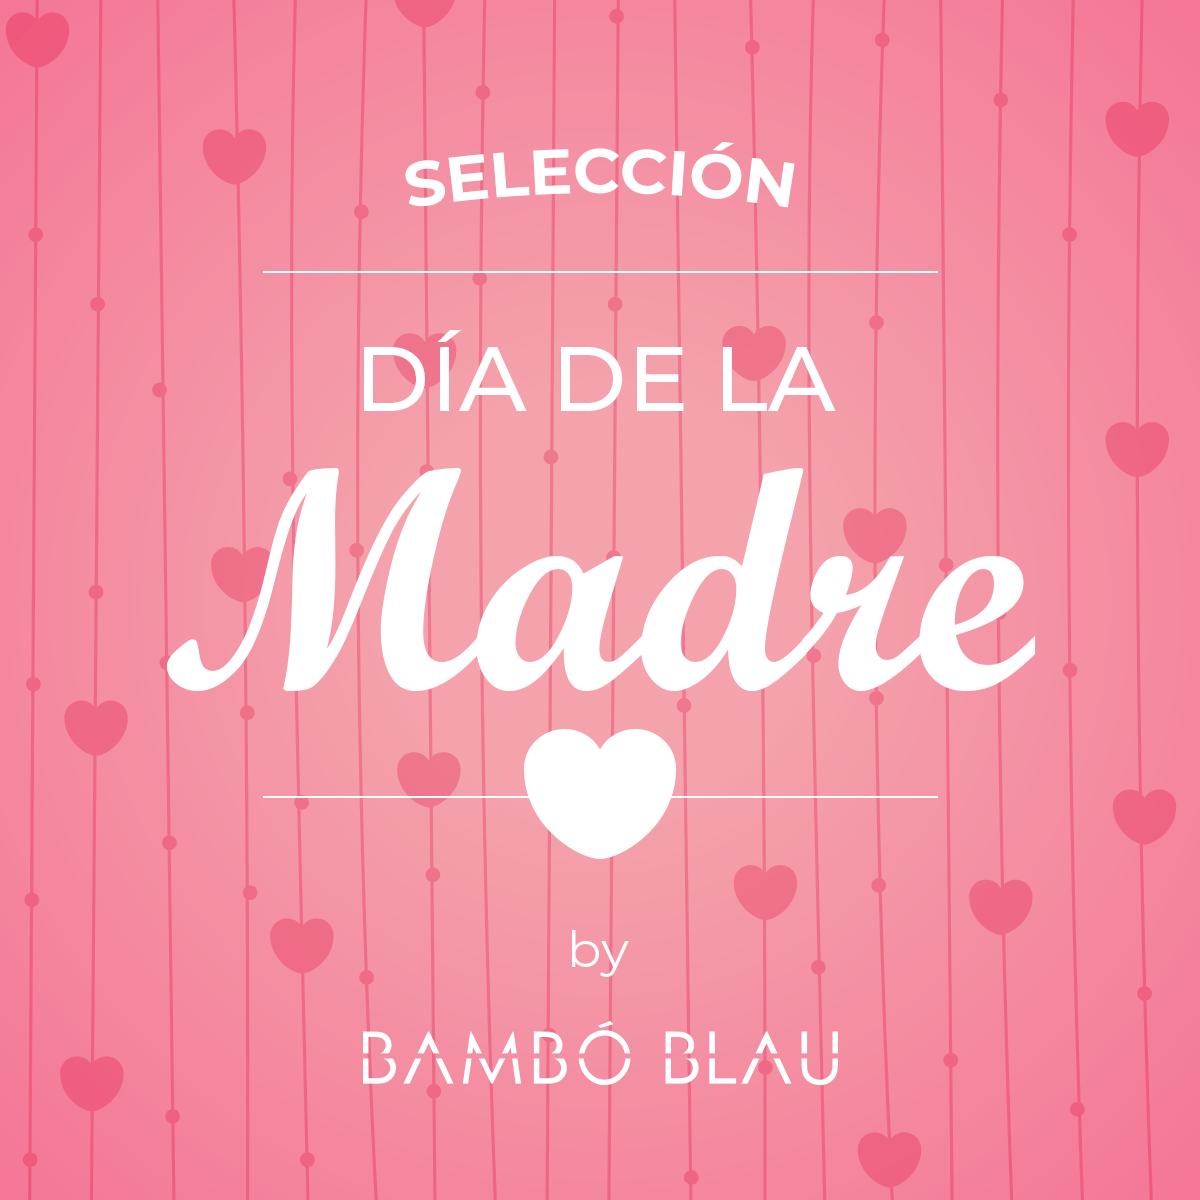 Bambó Blau Día de la Madre